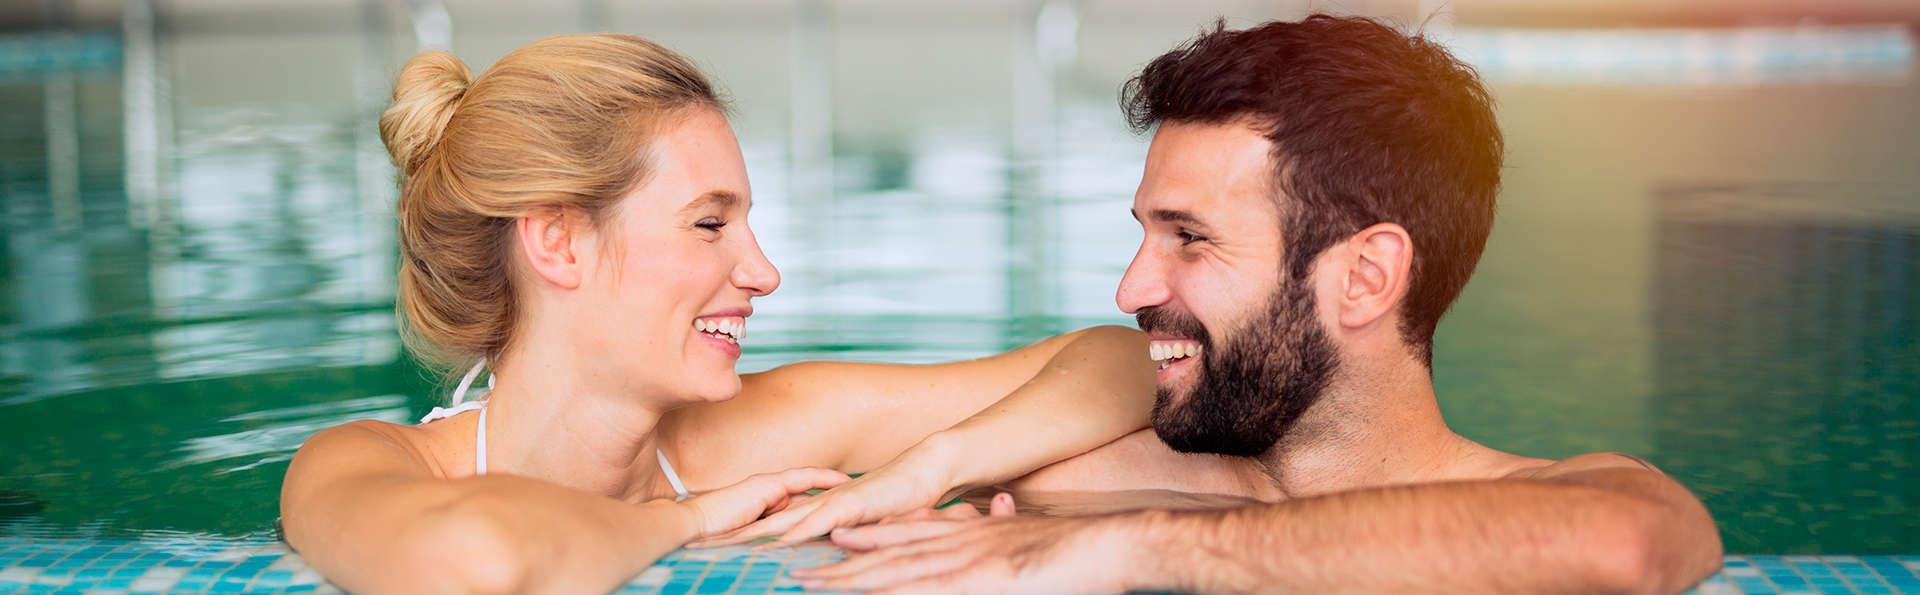 Profitez d'une soirée romantique comprenant un dîner et un accès au centre de bien-être